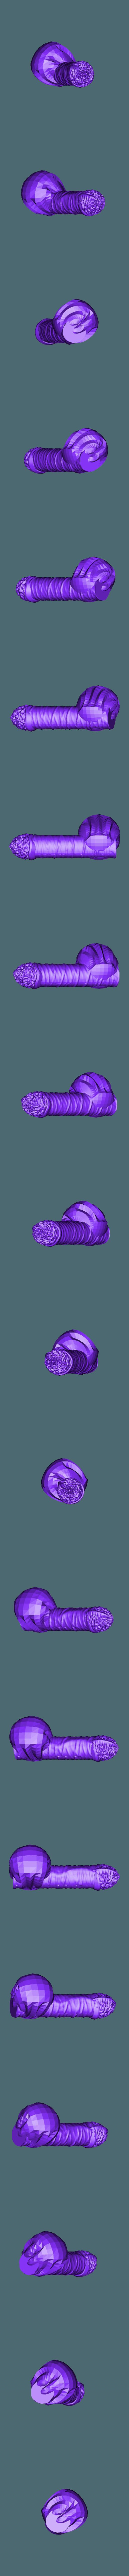 brain-stick.STL Télécharger fichier STL gratuit Cerveau sDick • Plan pour imprimante 3D, syzguru11